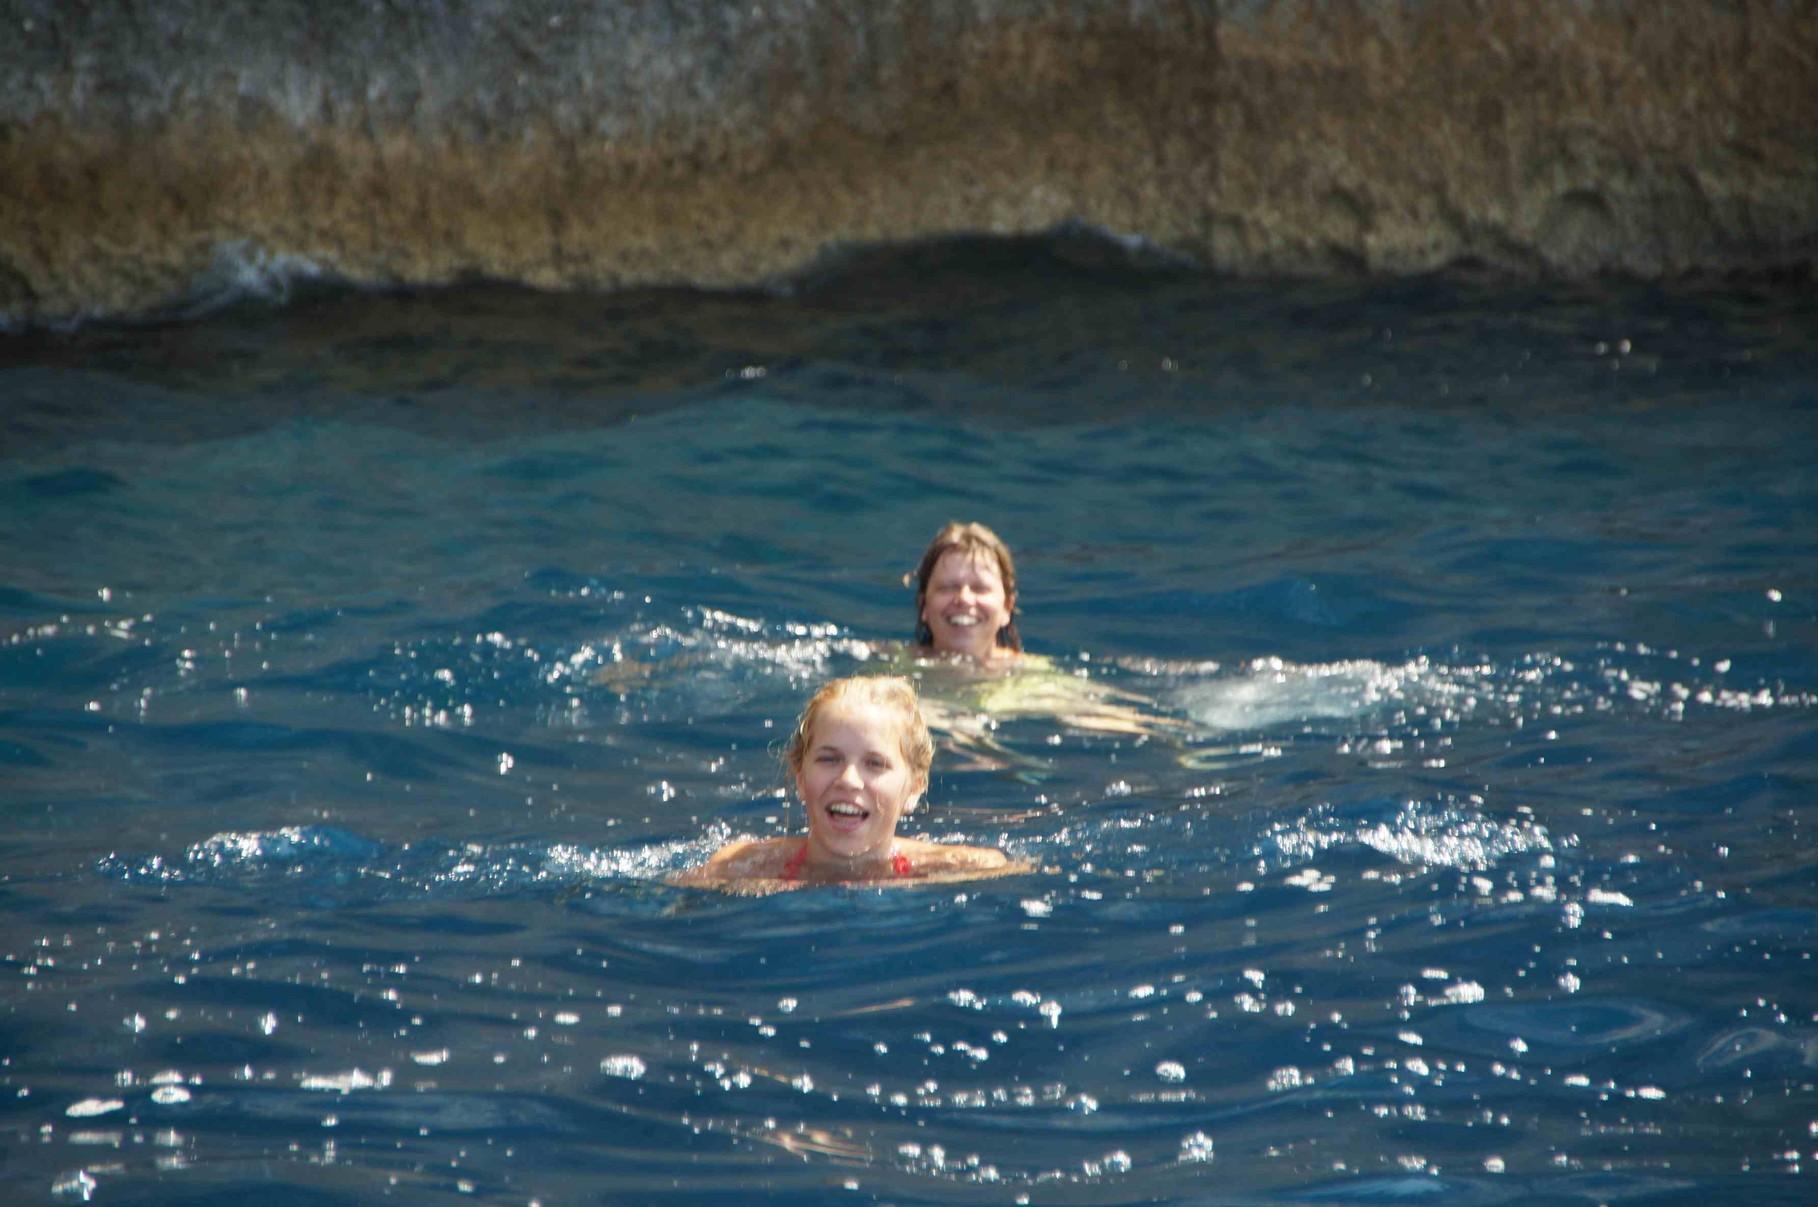 Chefin und Julia schwimmen im Meer!